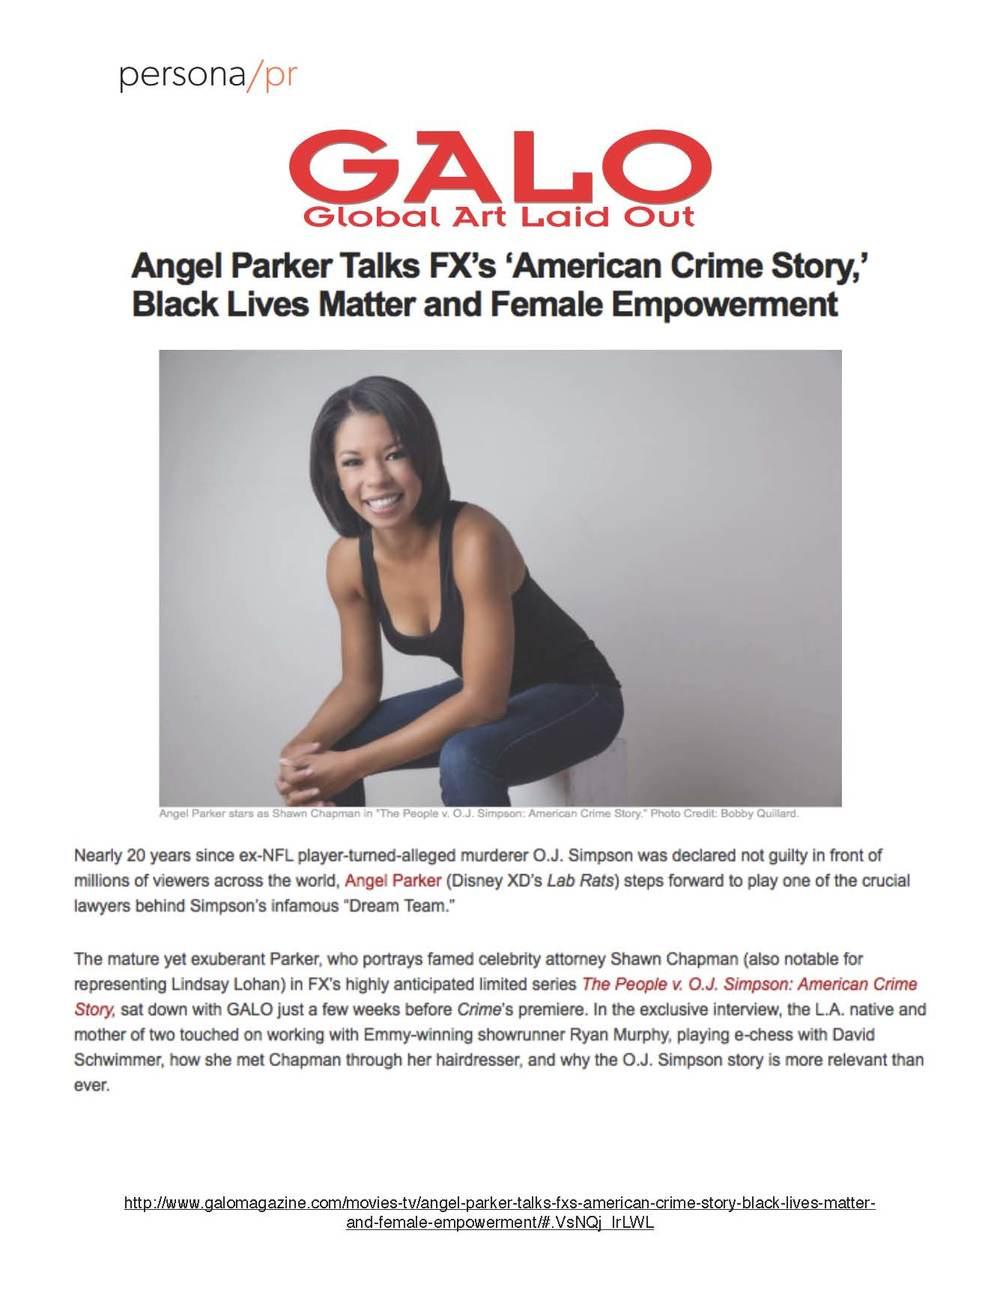 AngelParker-GaloMagazine-02.15.16_Page_1.jpg